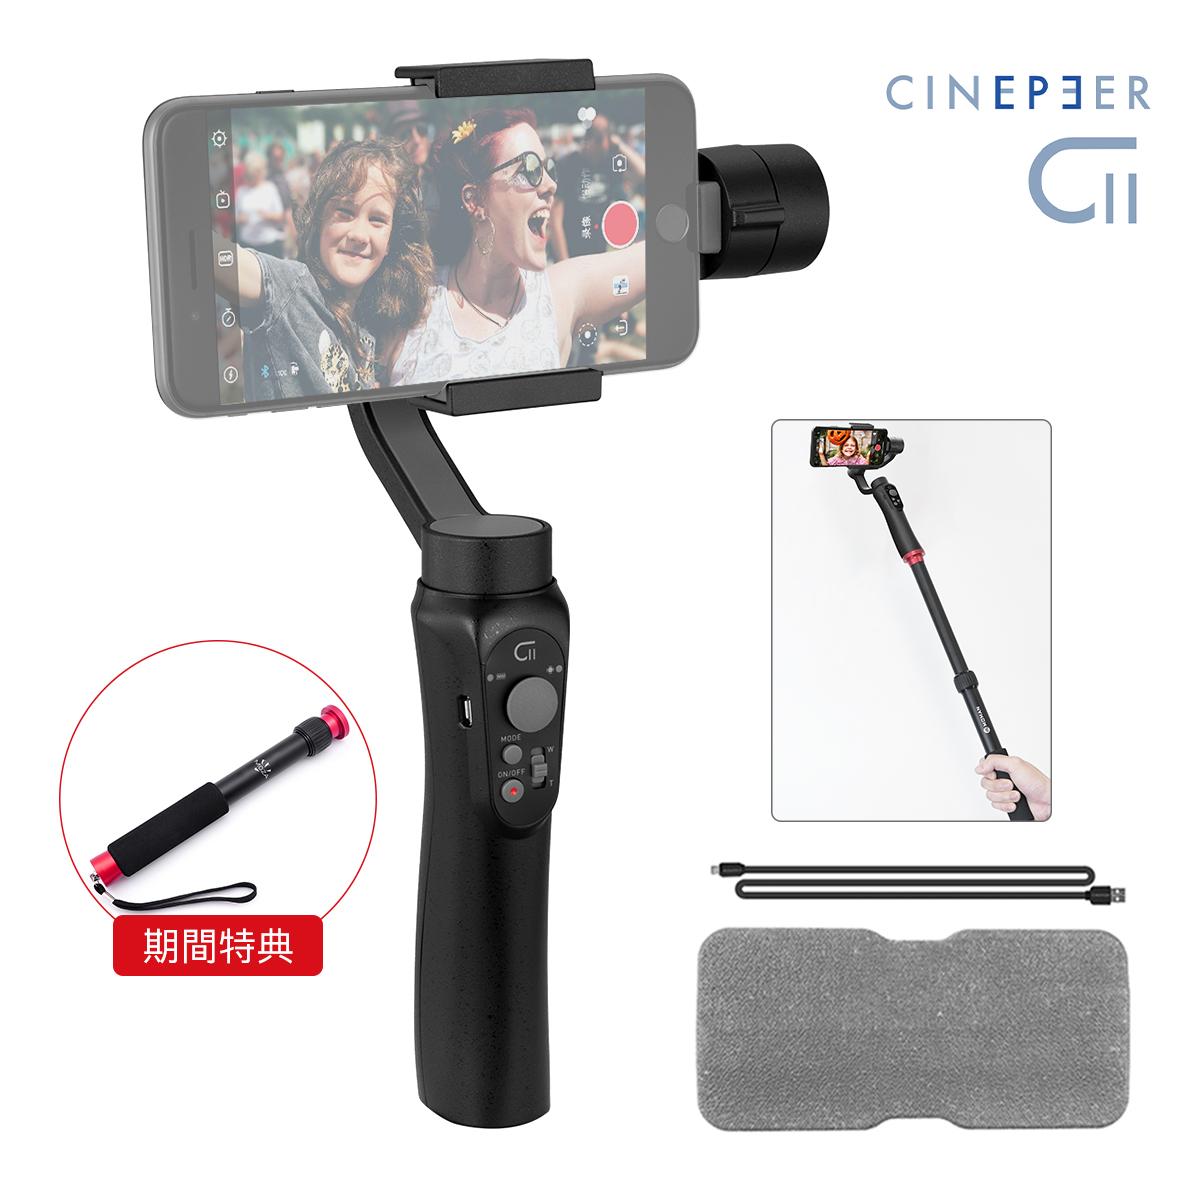 【P3倍】Cinepeer-C11 撮影のため生まれた 最新型スタビライザー 3軸手持ち Android/Iphoneスマホ用ジンバル 手ぶれ補正強化 縦&横撮影 【日本語説明書&サポート&1年間保証】